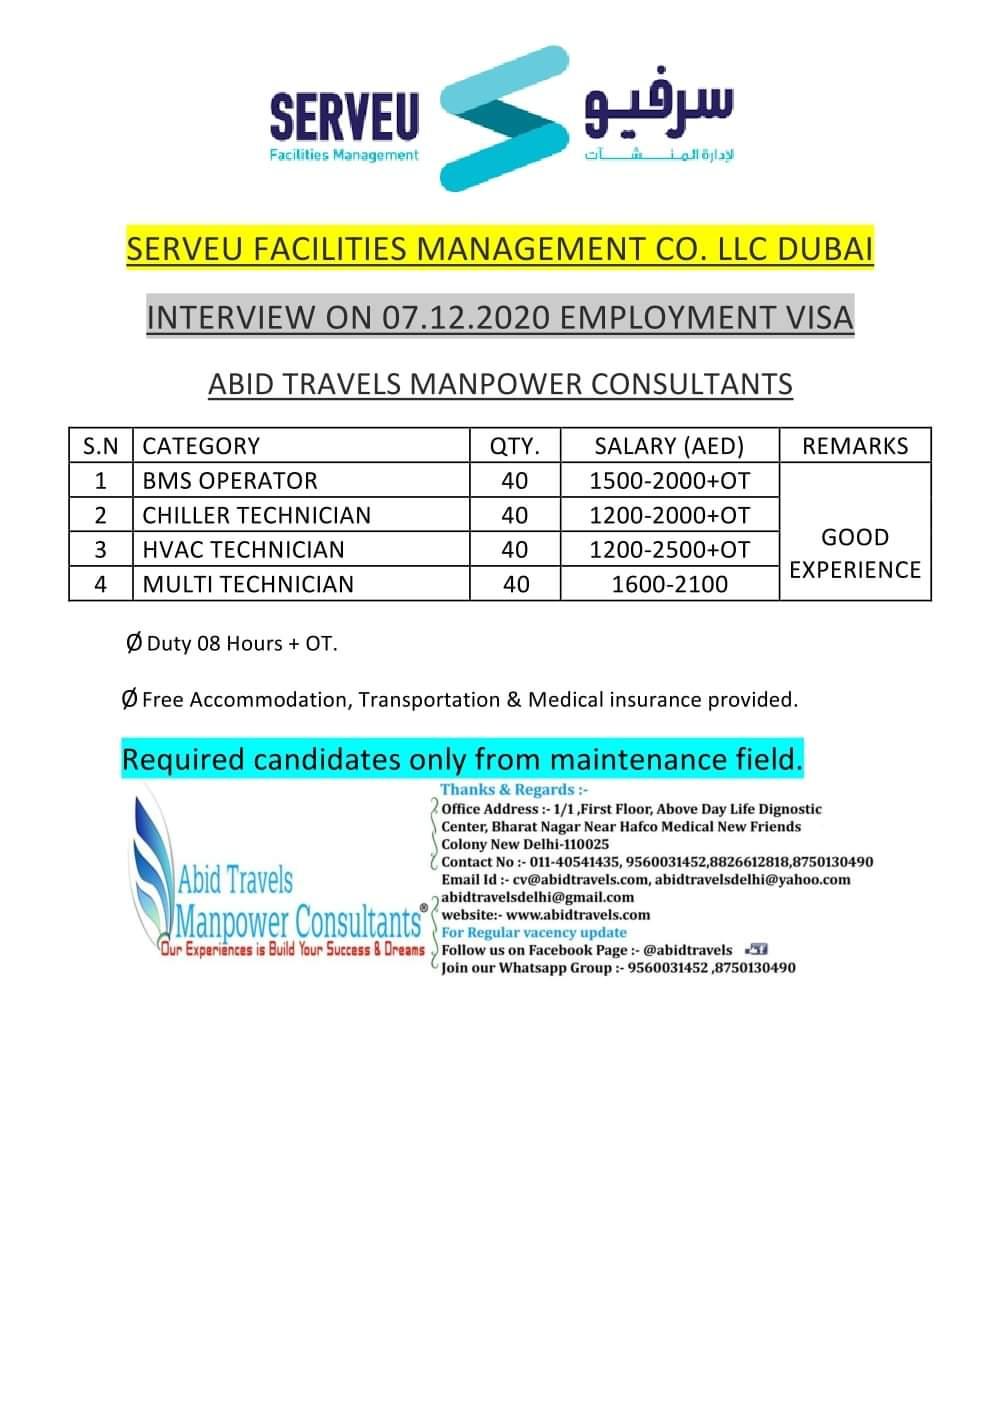 SERVEU FACILITIES MANAGEMENT CO. LLC-DUBAI